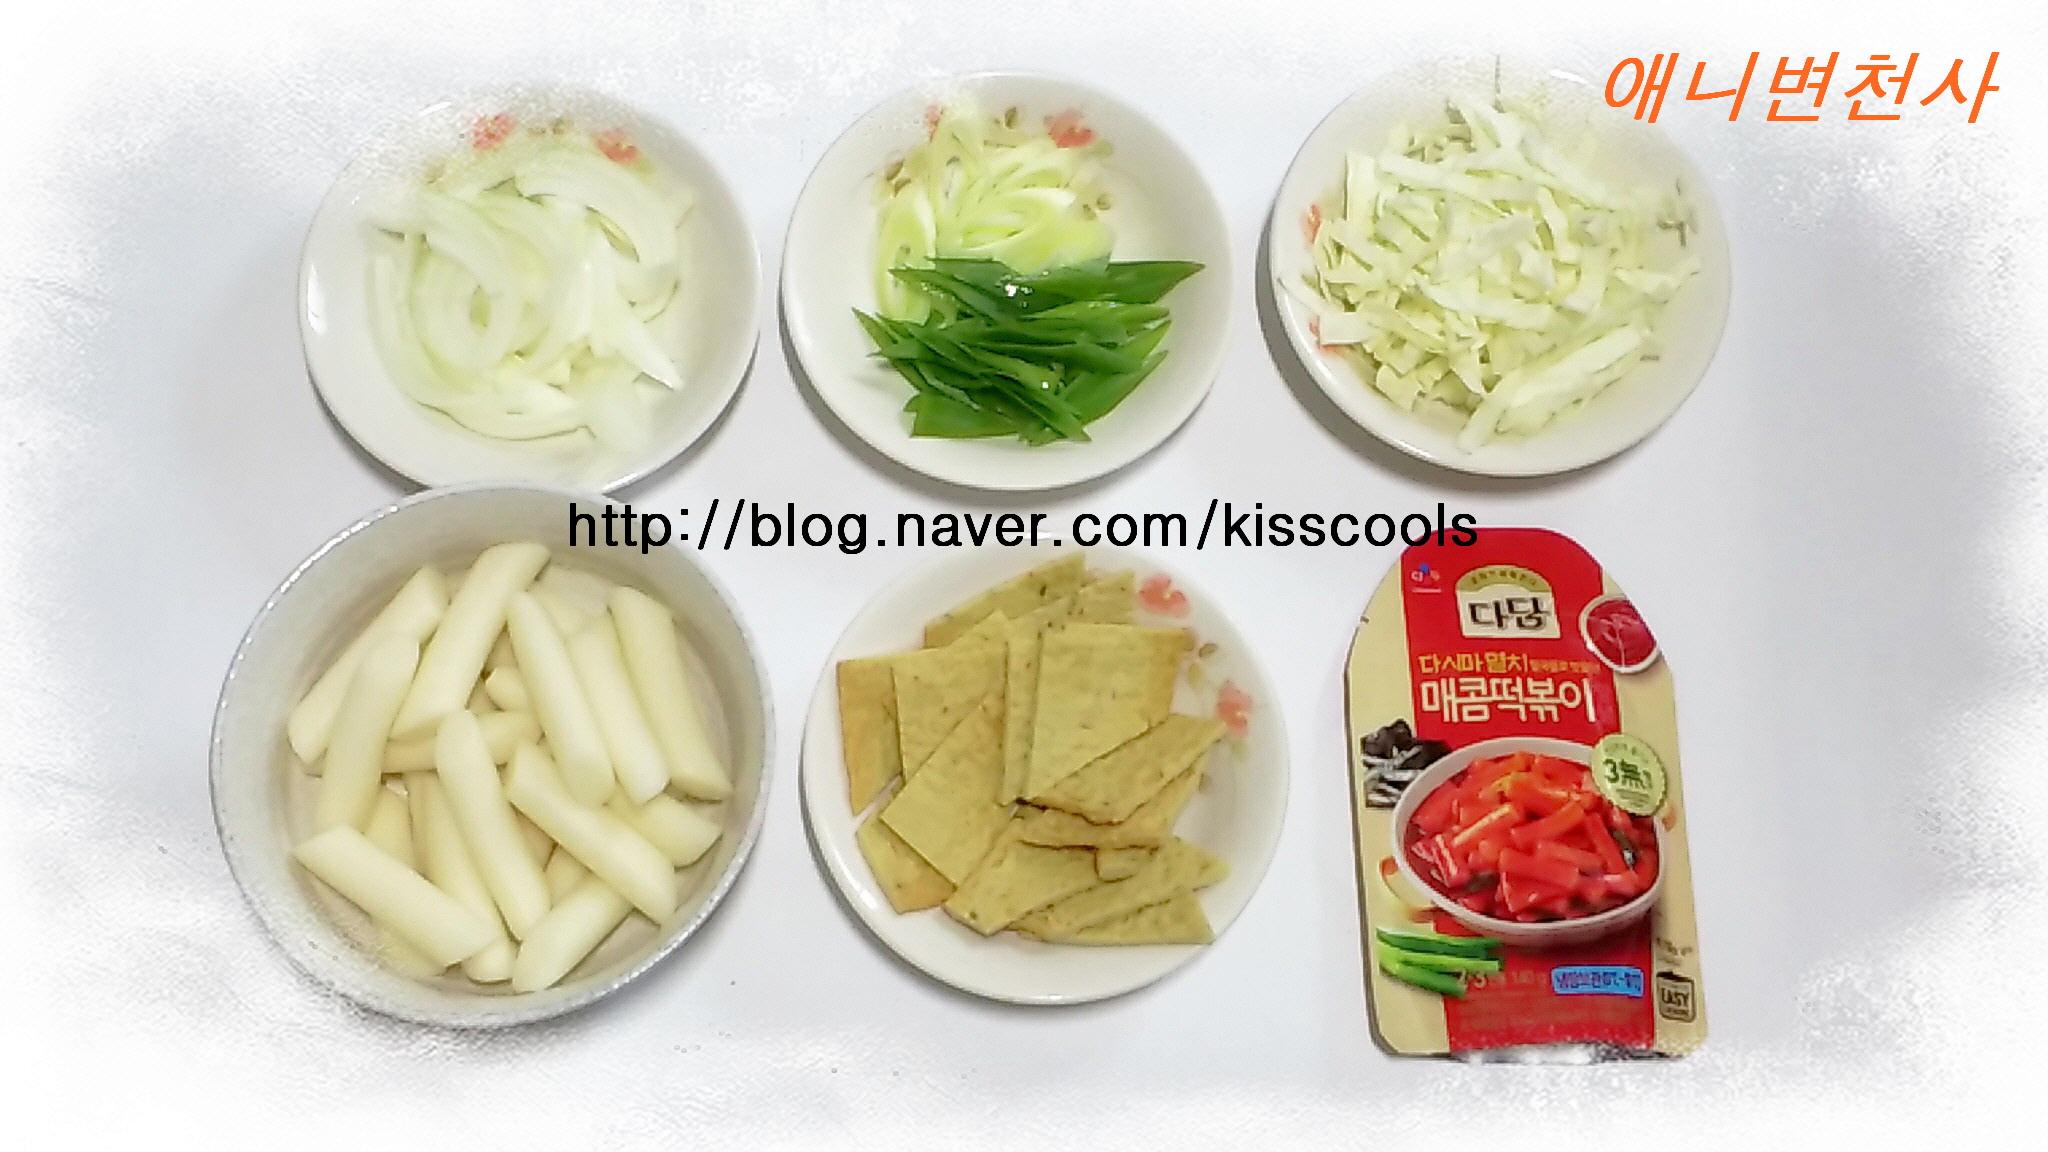 [CJ제일제당]과 [요리가 쉬워진다! 다담 신제품 4종